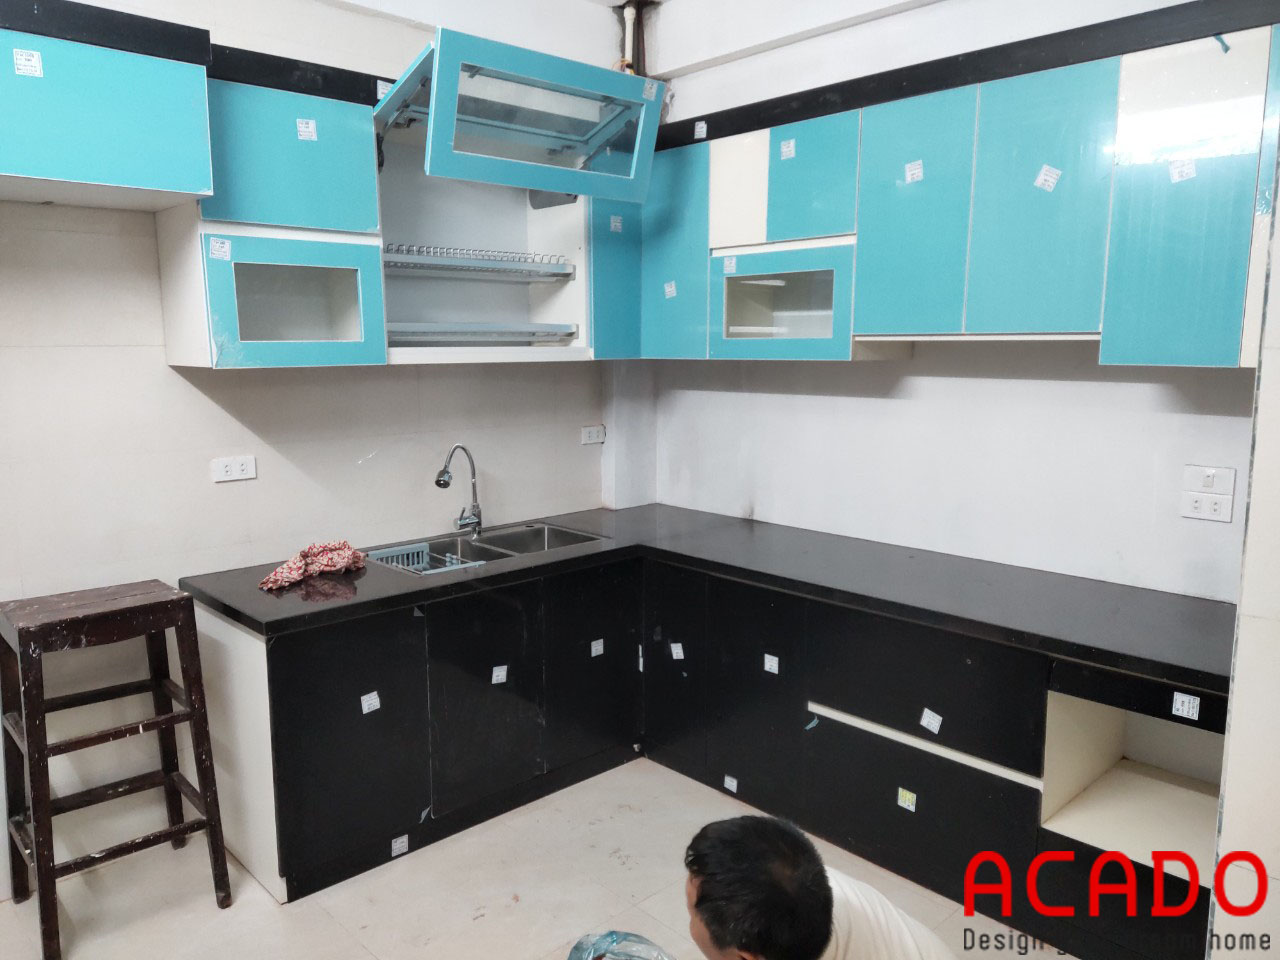 Tủ bếp đen trắng làm nên sự đẳng cấp cho căn bếp